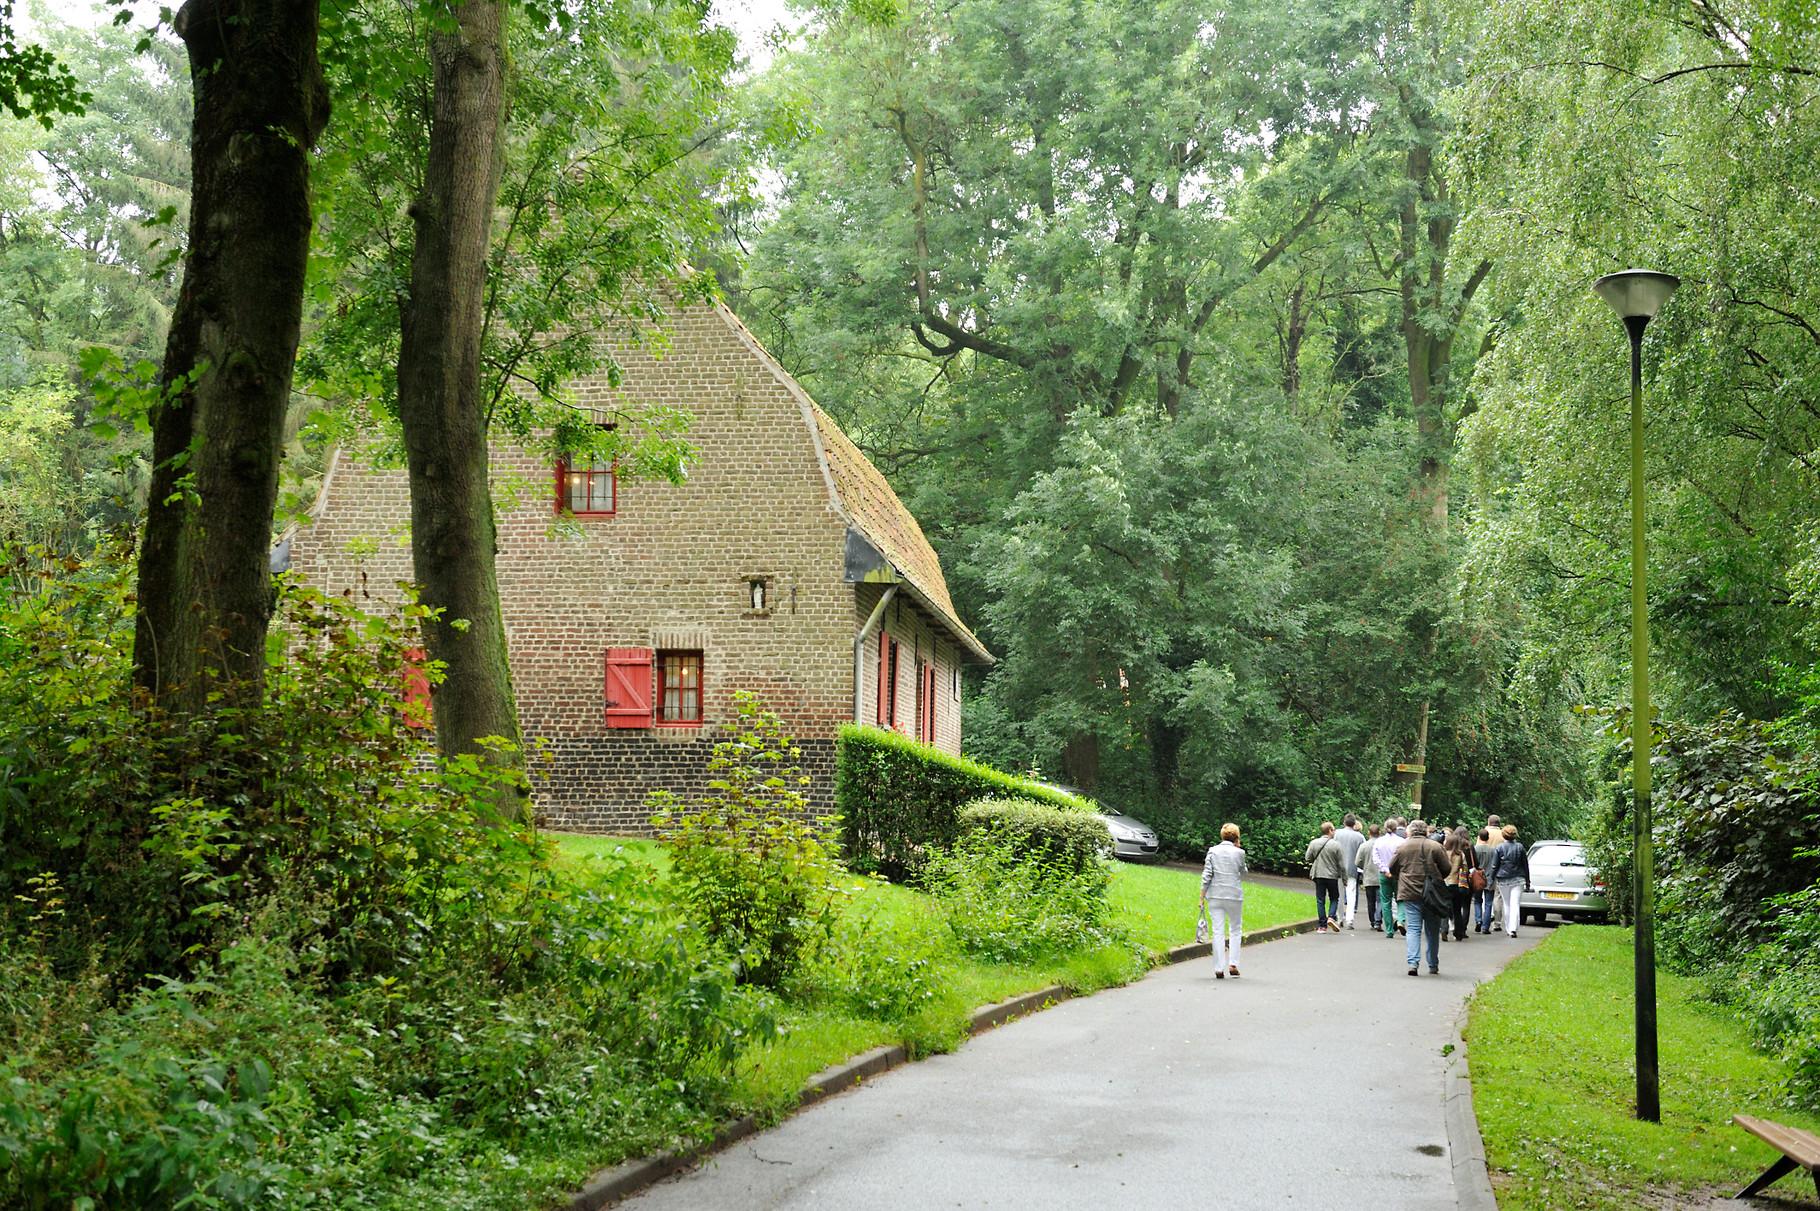 Musée des petits métiers de la Ferme à Wervicq-Sud par Richard Soberka